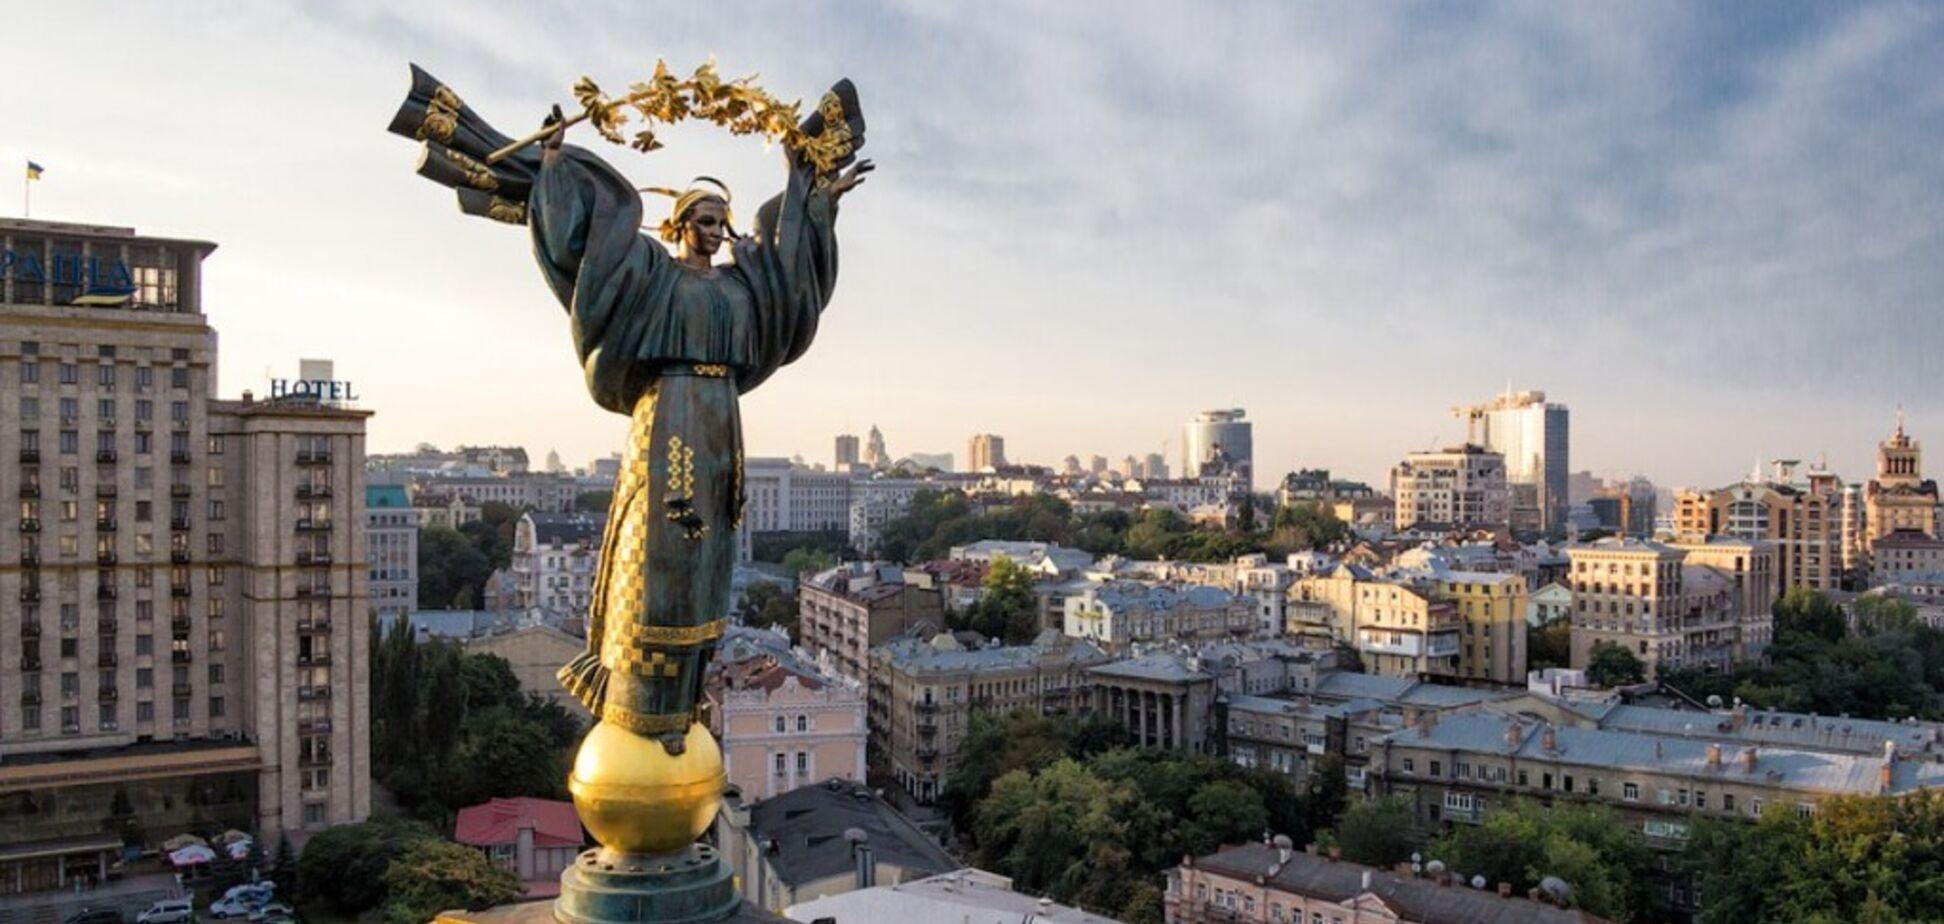 Треба протестувати: історик заявив про Майдан через Бандеру